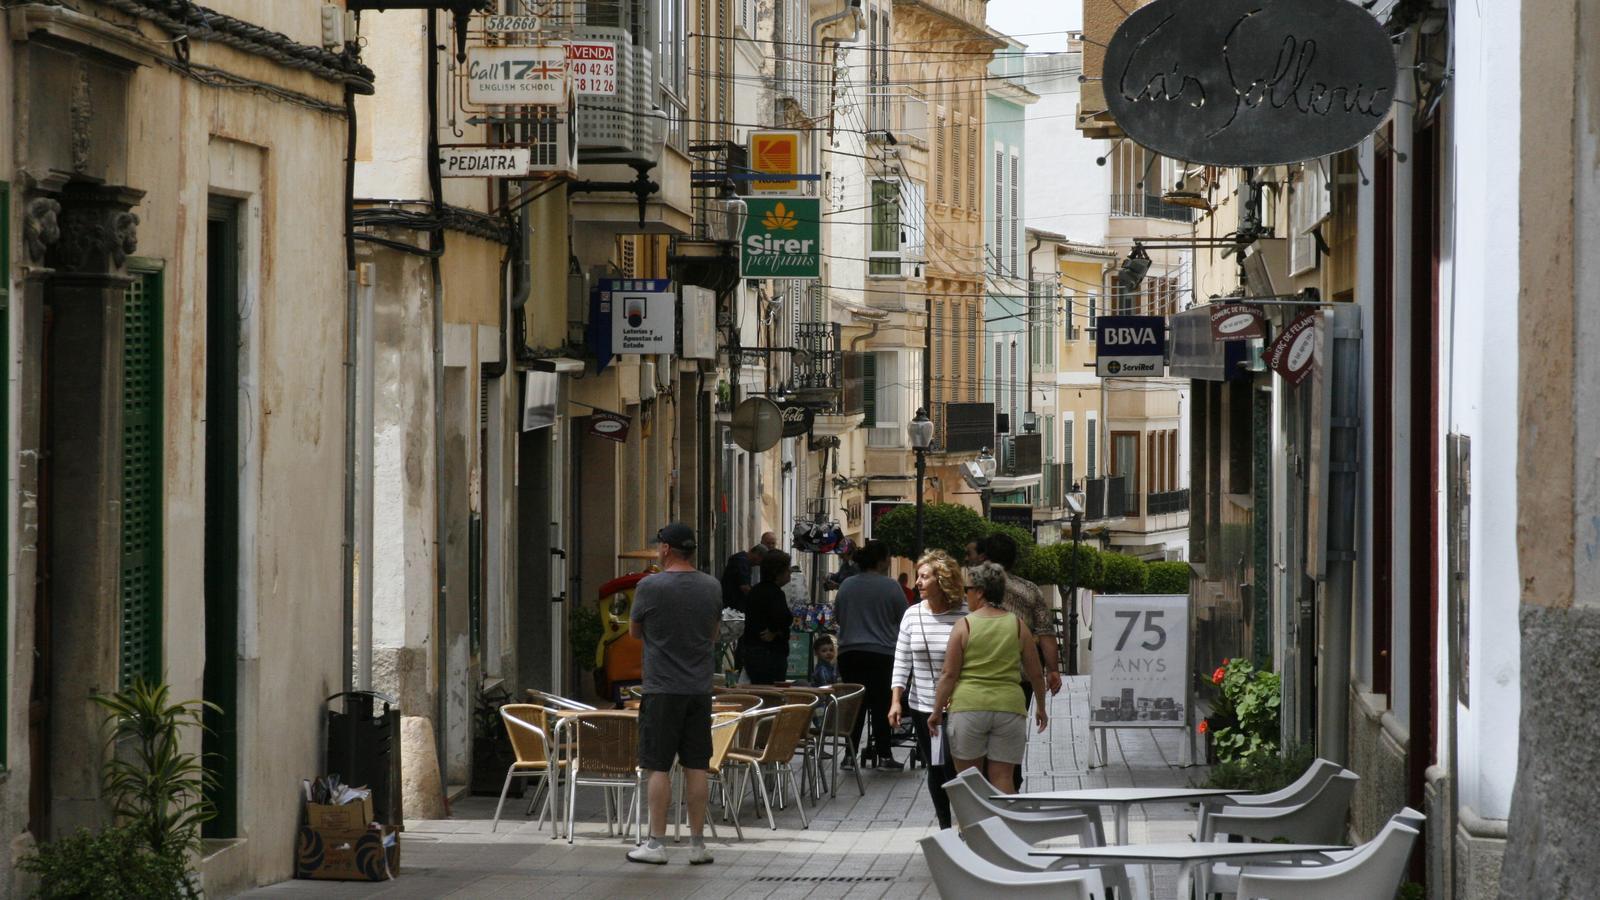 La situació irregular de locals comercials s'han detectat, entre altres punts, en el centre de la ciutat.